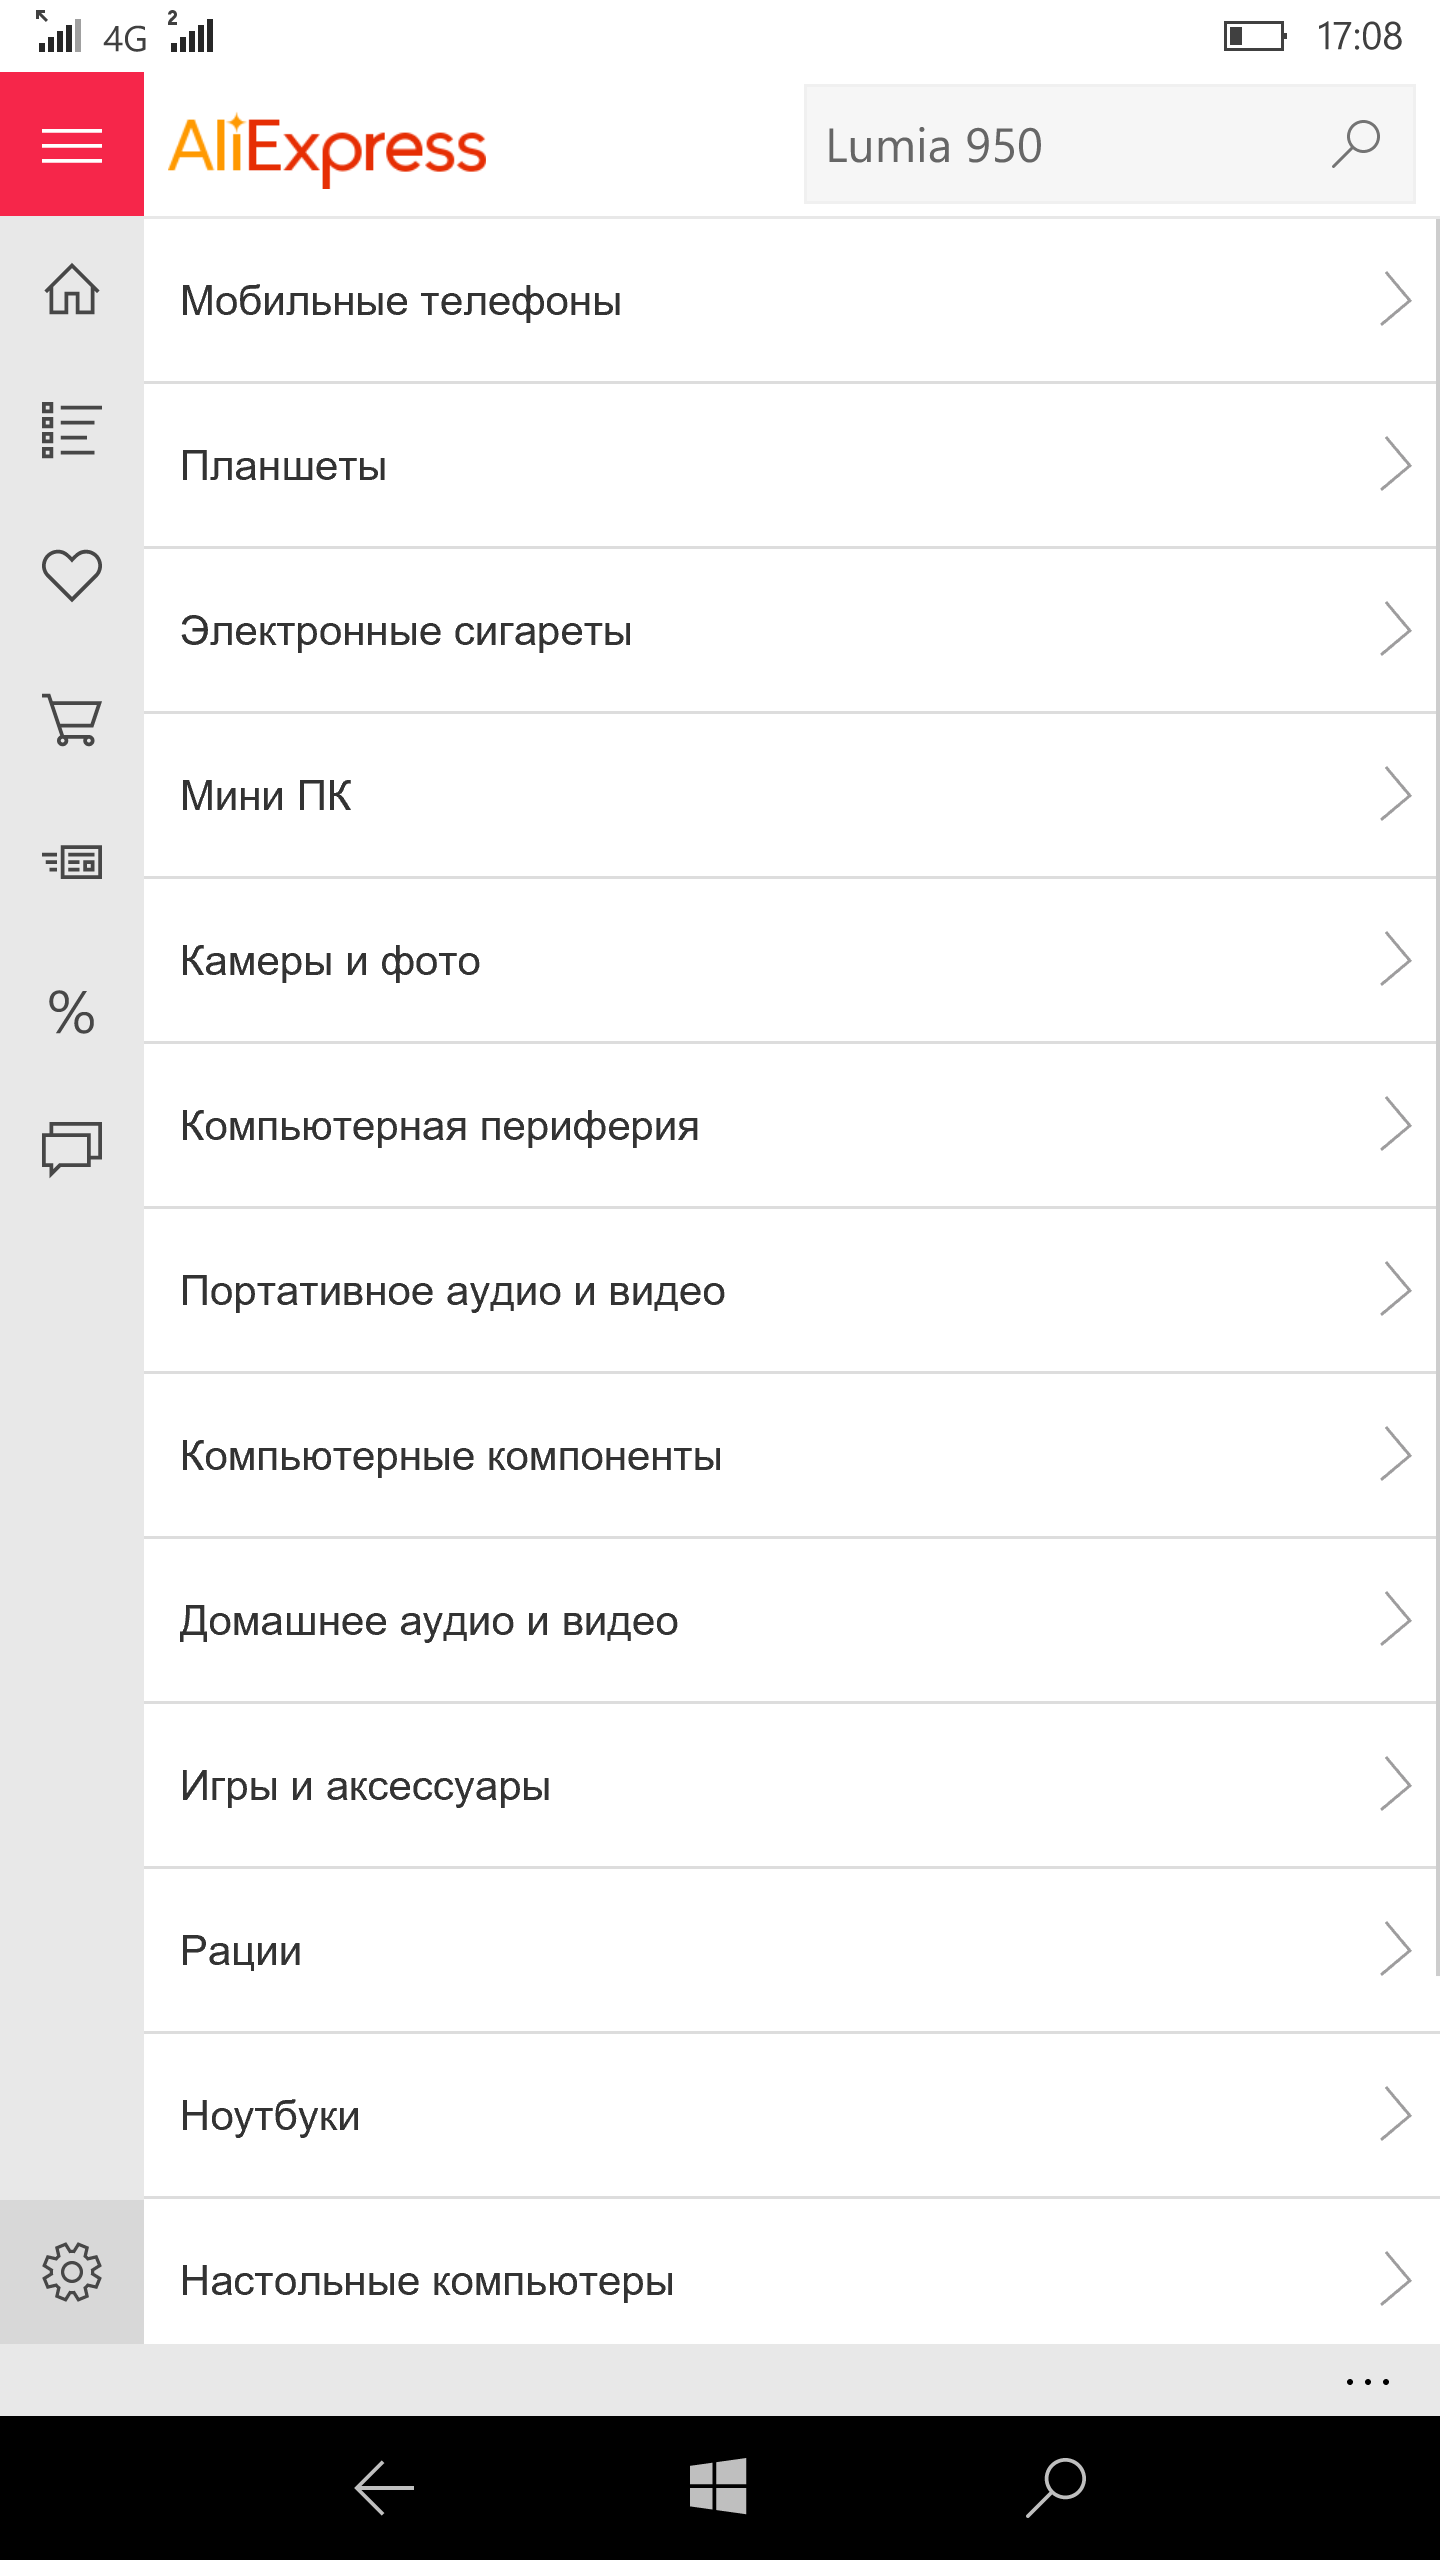 Выпущено приложение aliexpress для windows 10 и windows 10 mobile.